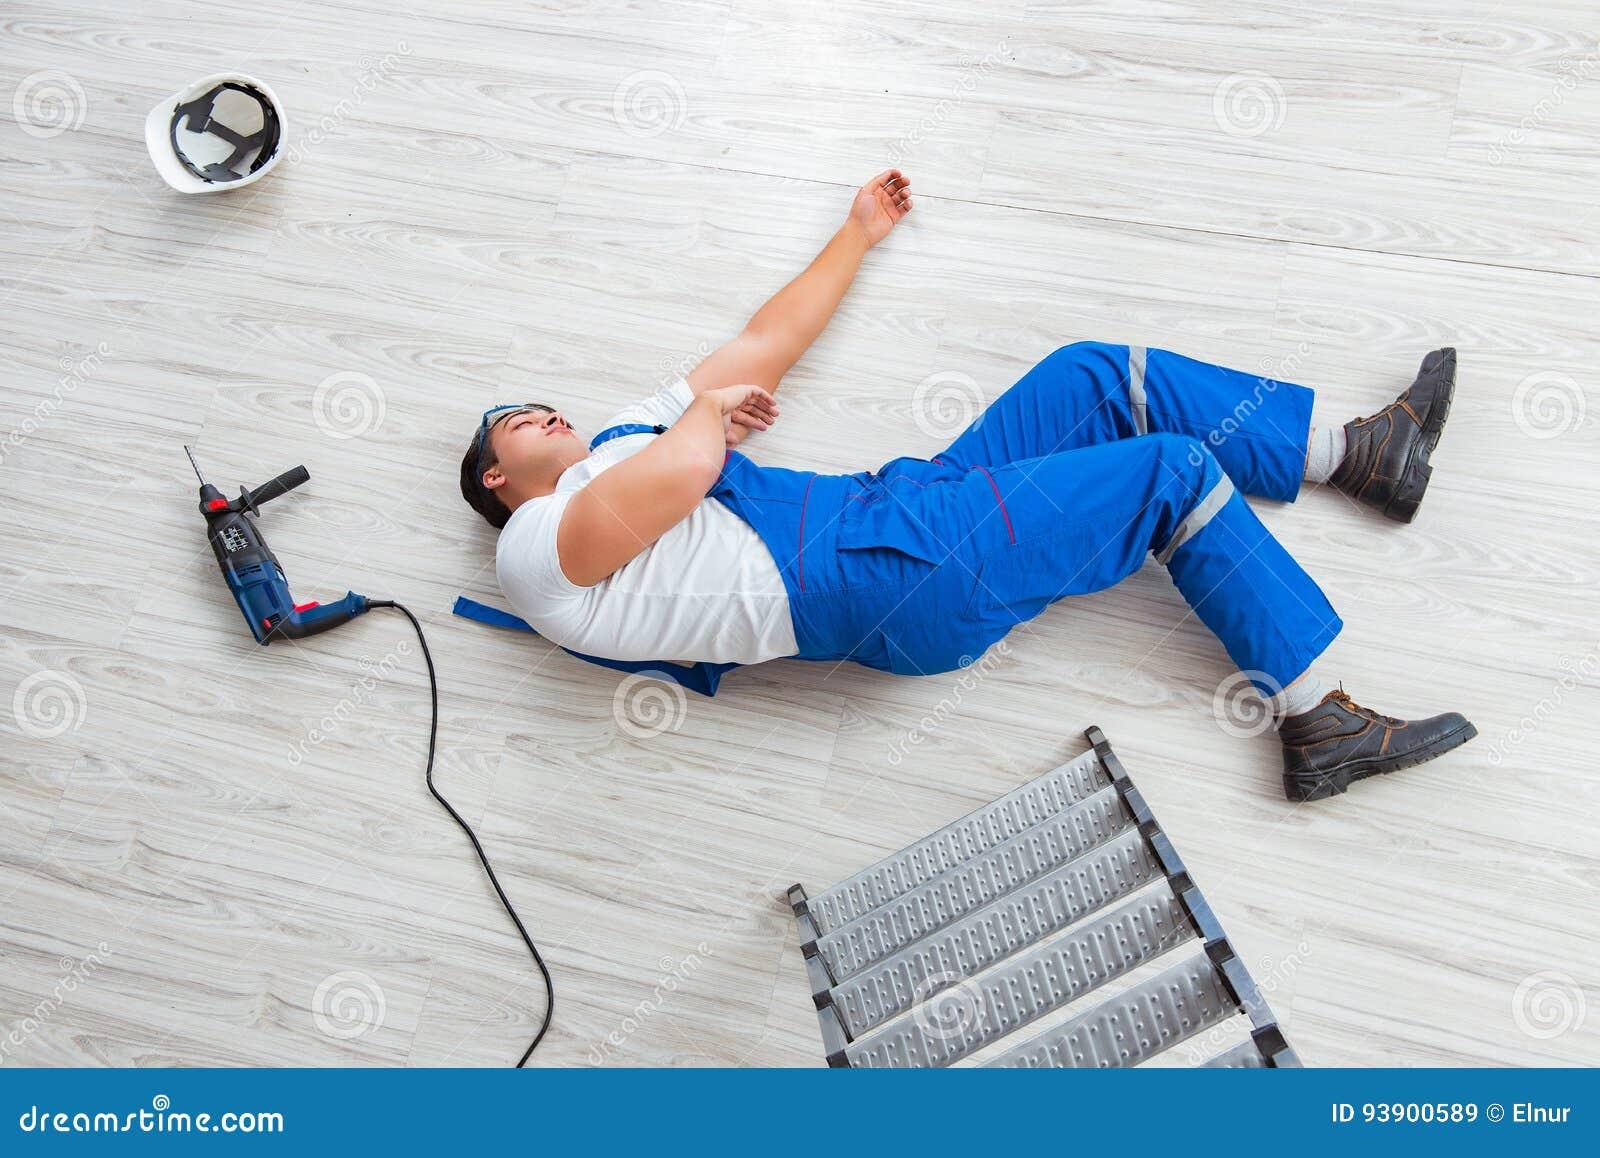 Pracownik po spadać od wzrosta - niebezpieczny zachowanie